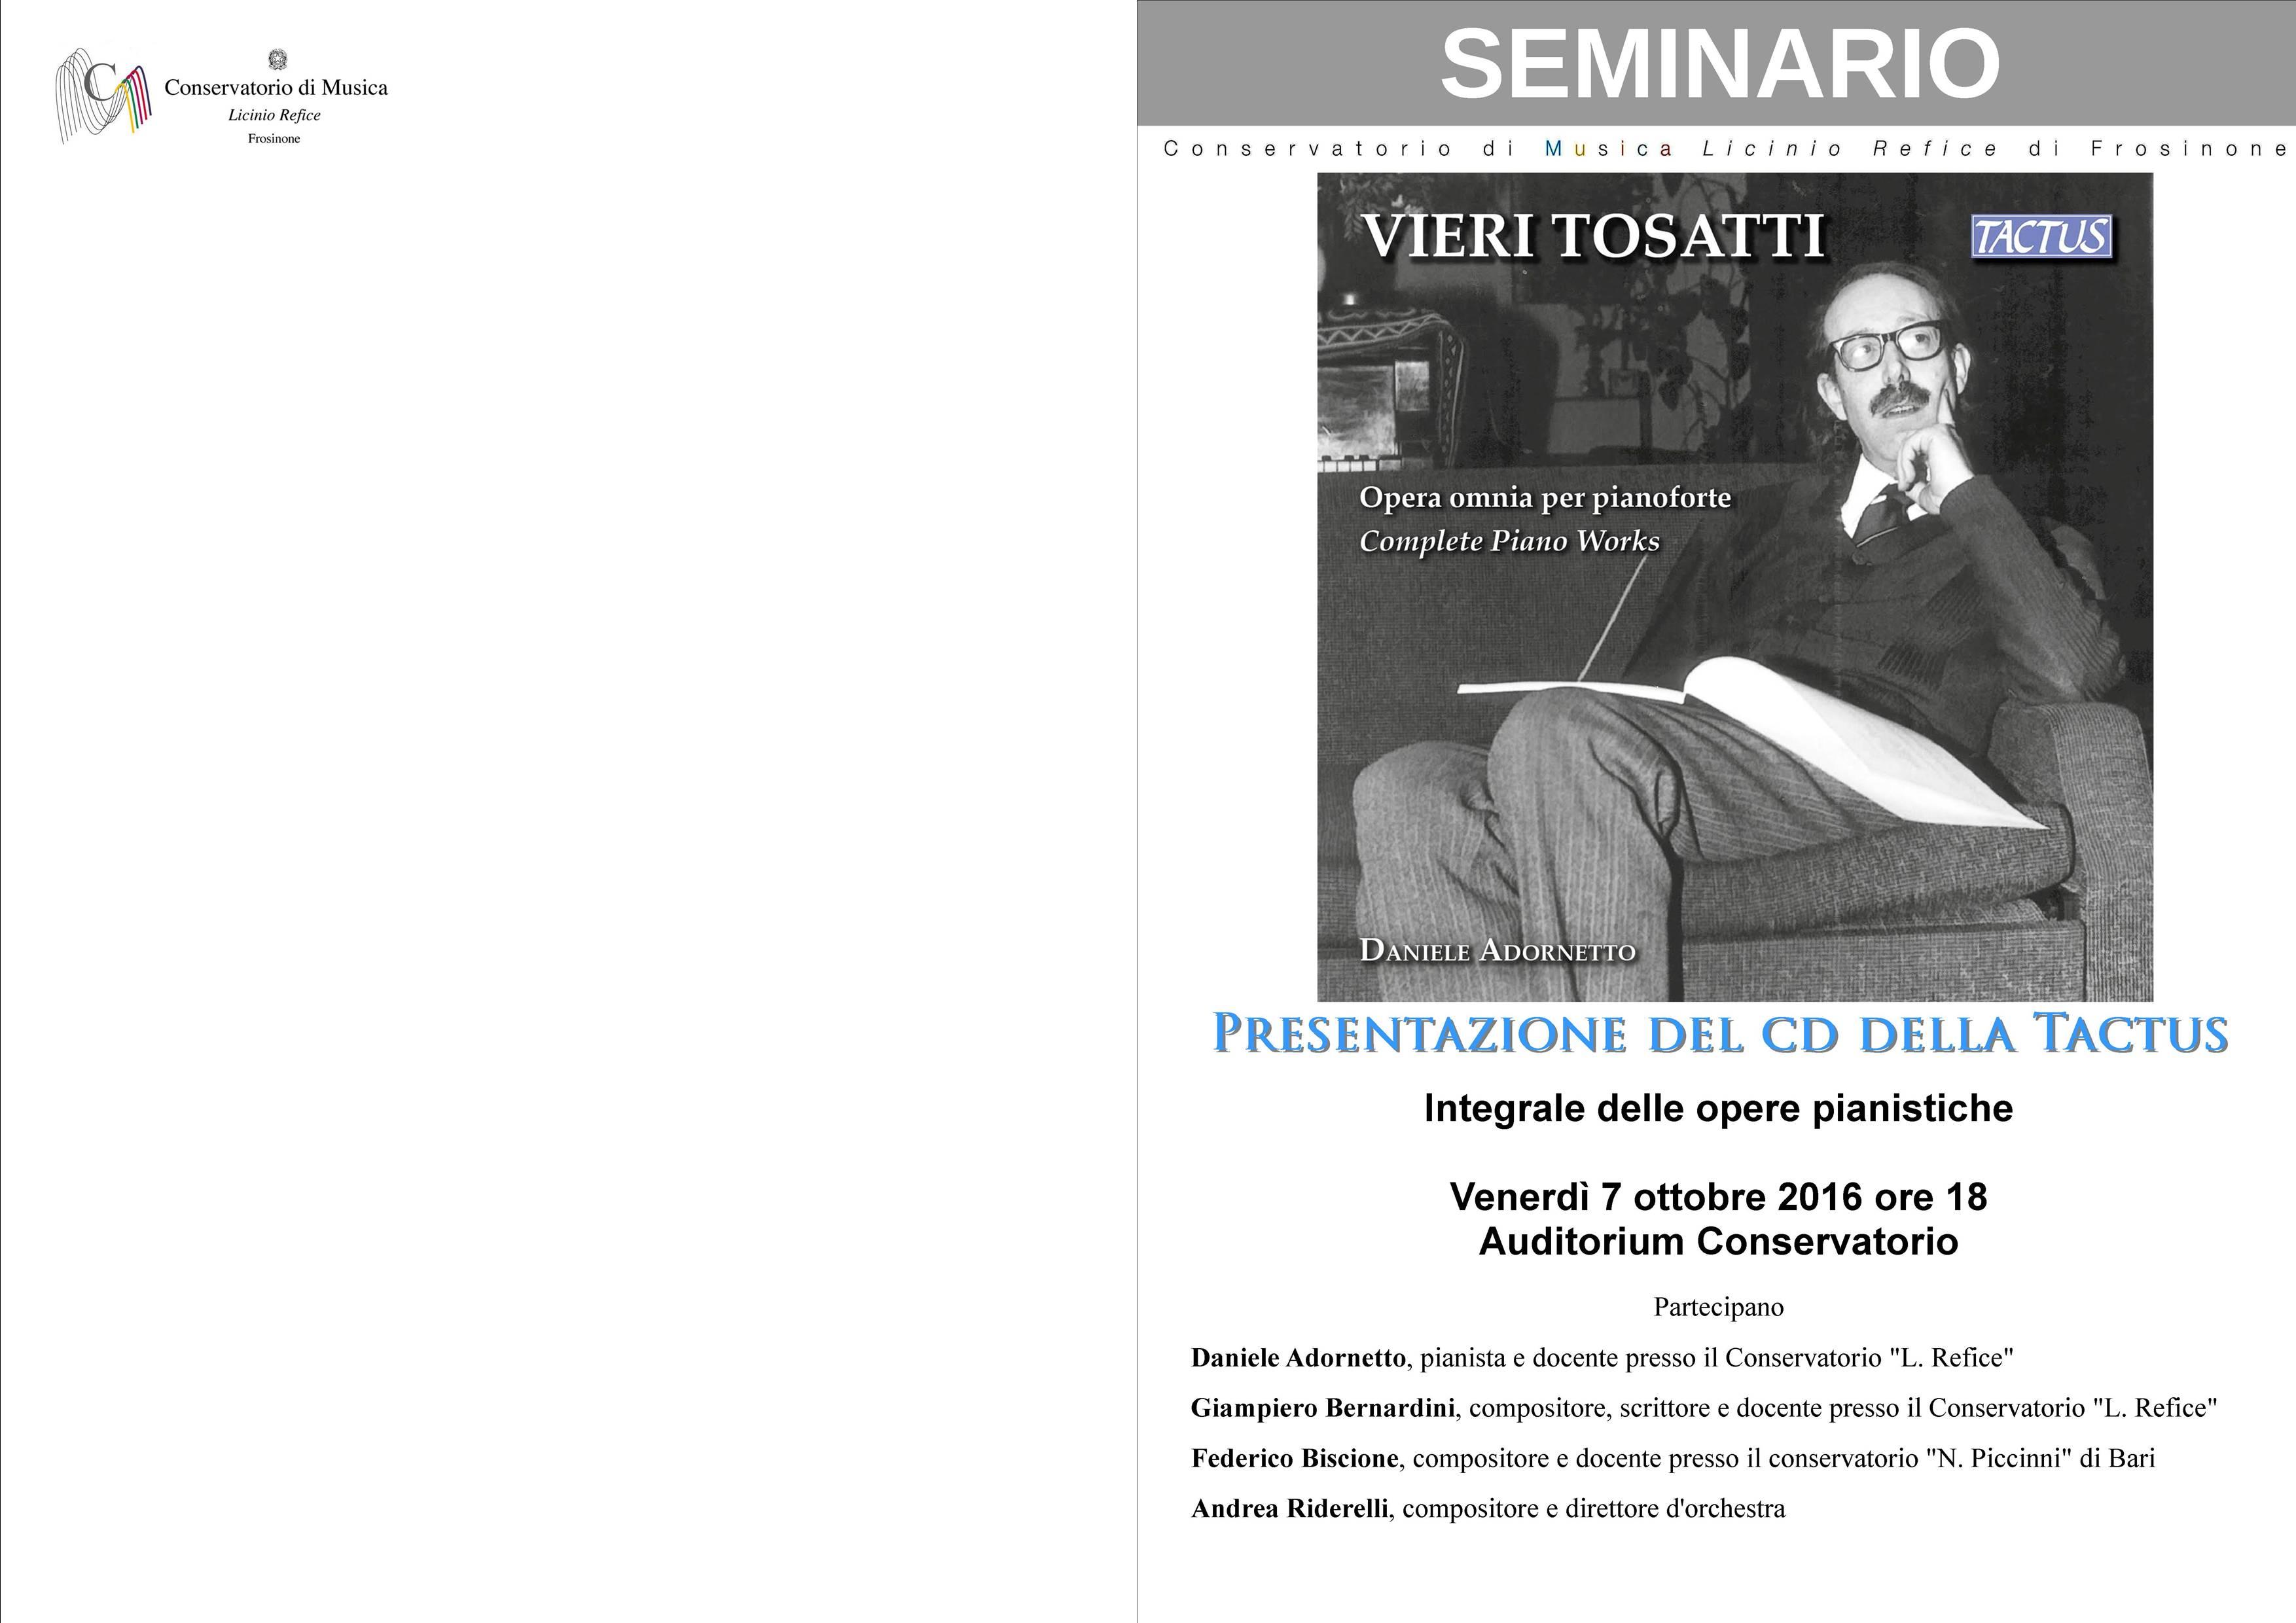 Presentazione cd conservatorio L. Refice – 7 ottobre 2016